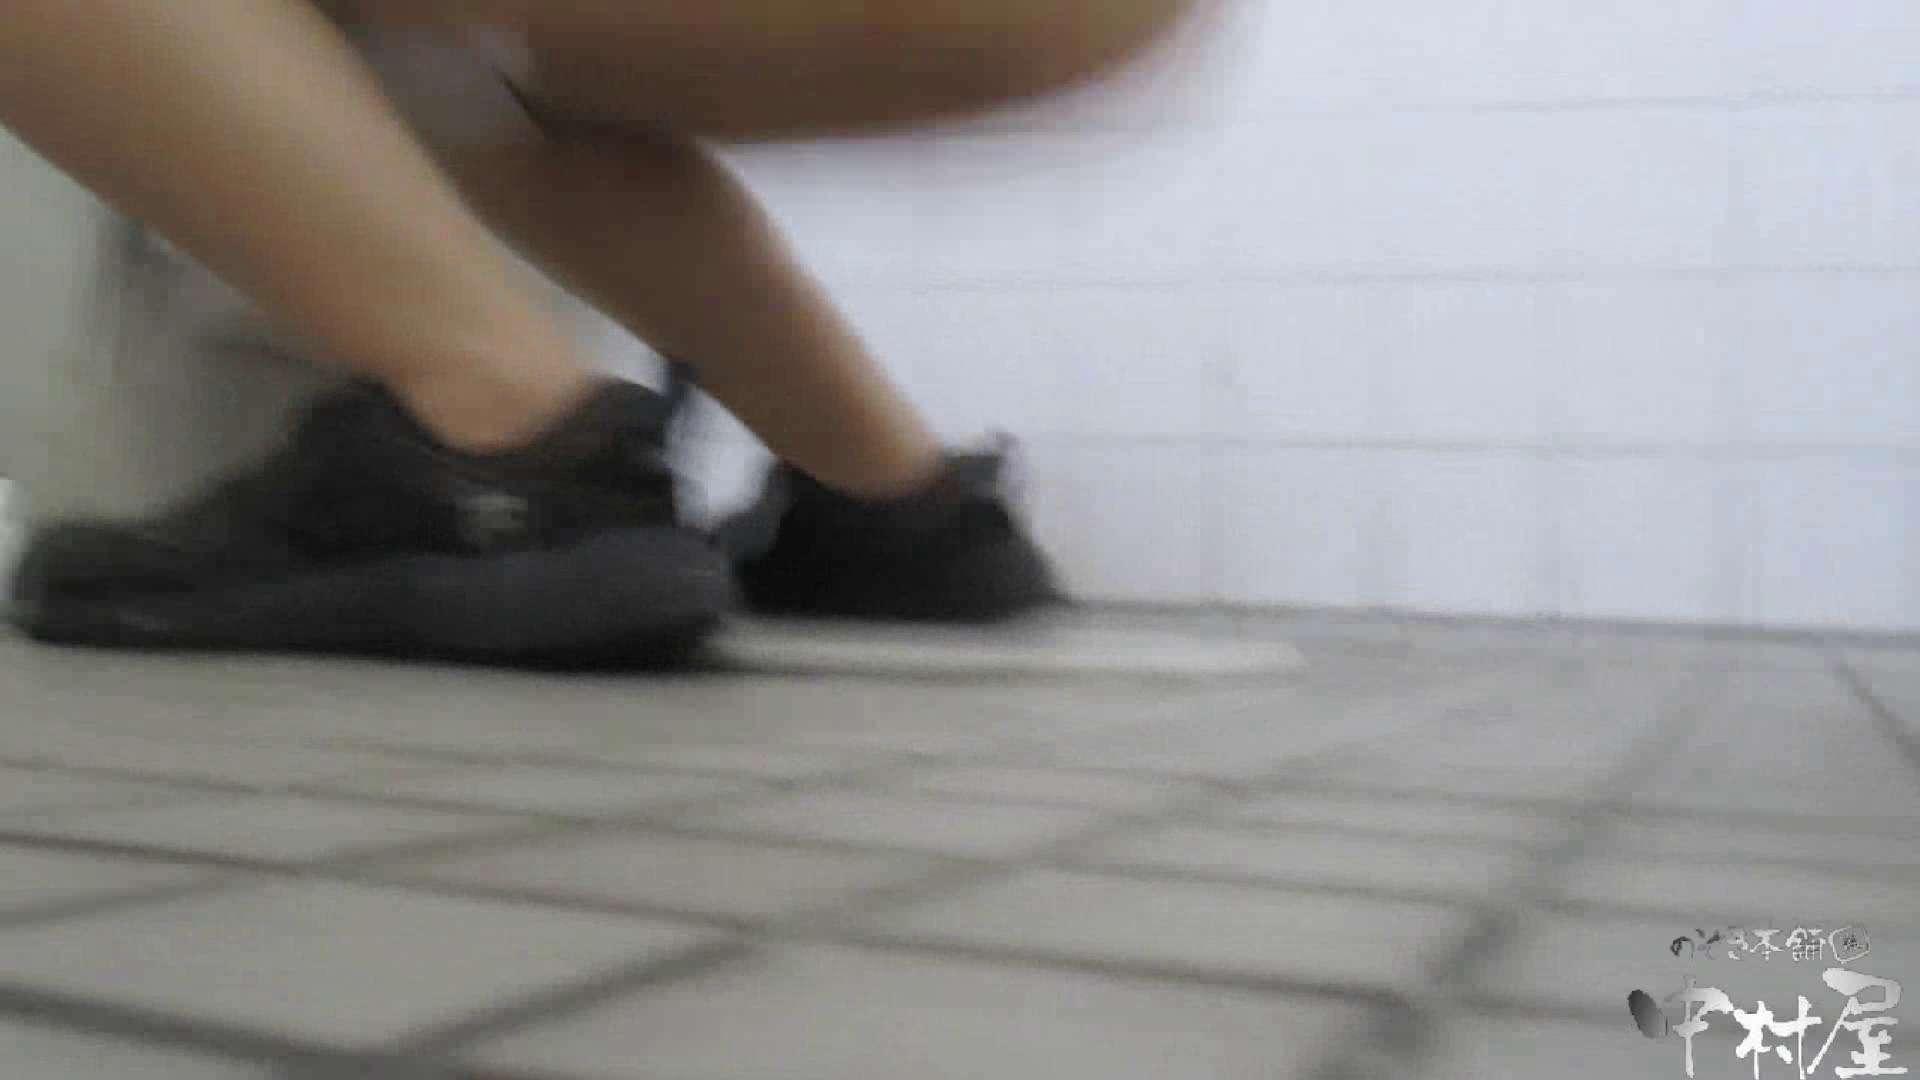 魂のかわや盗撮62連発! 運動靴の女! 37発目! 0 | 0  102pic 65